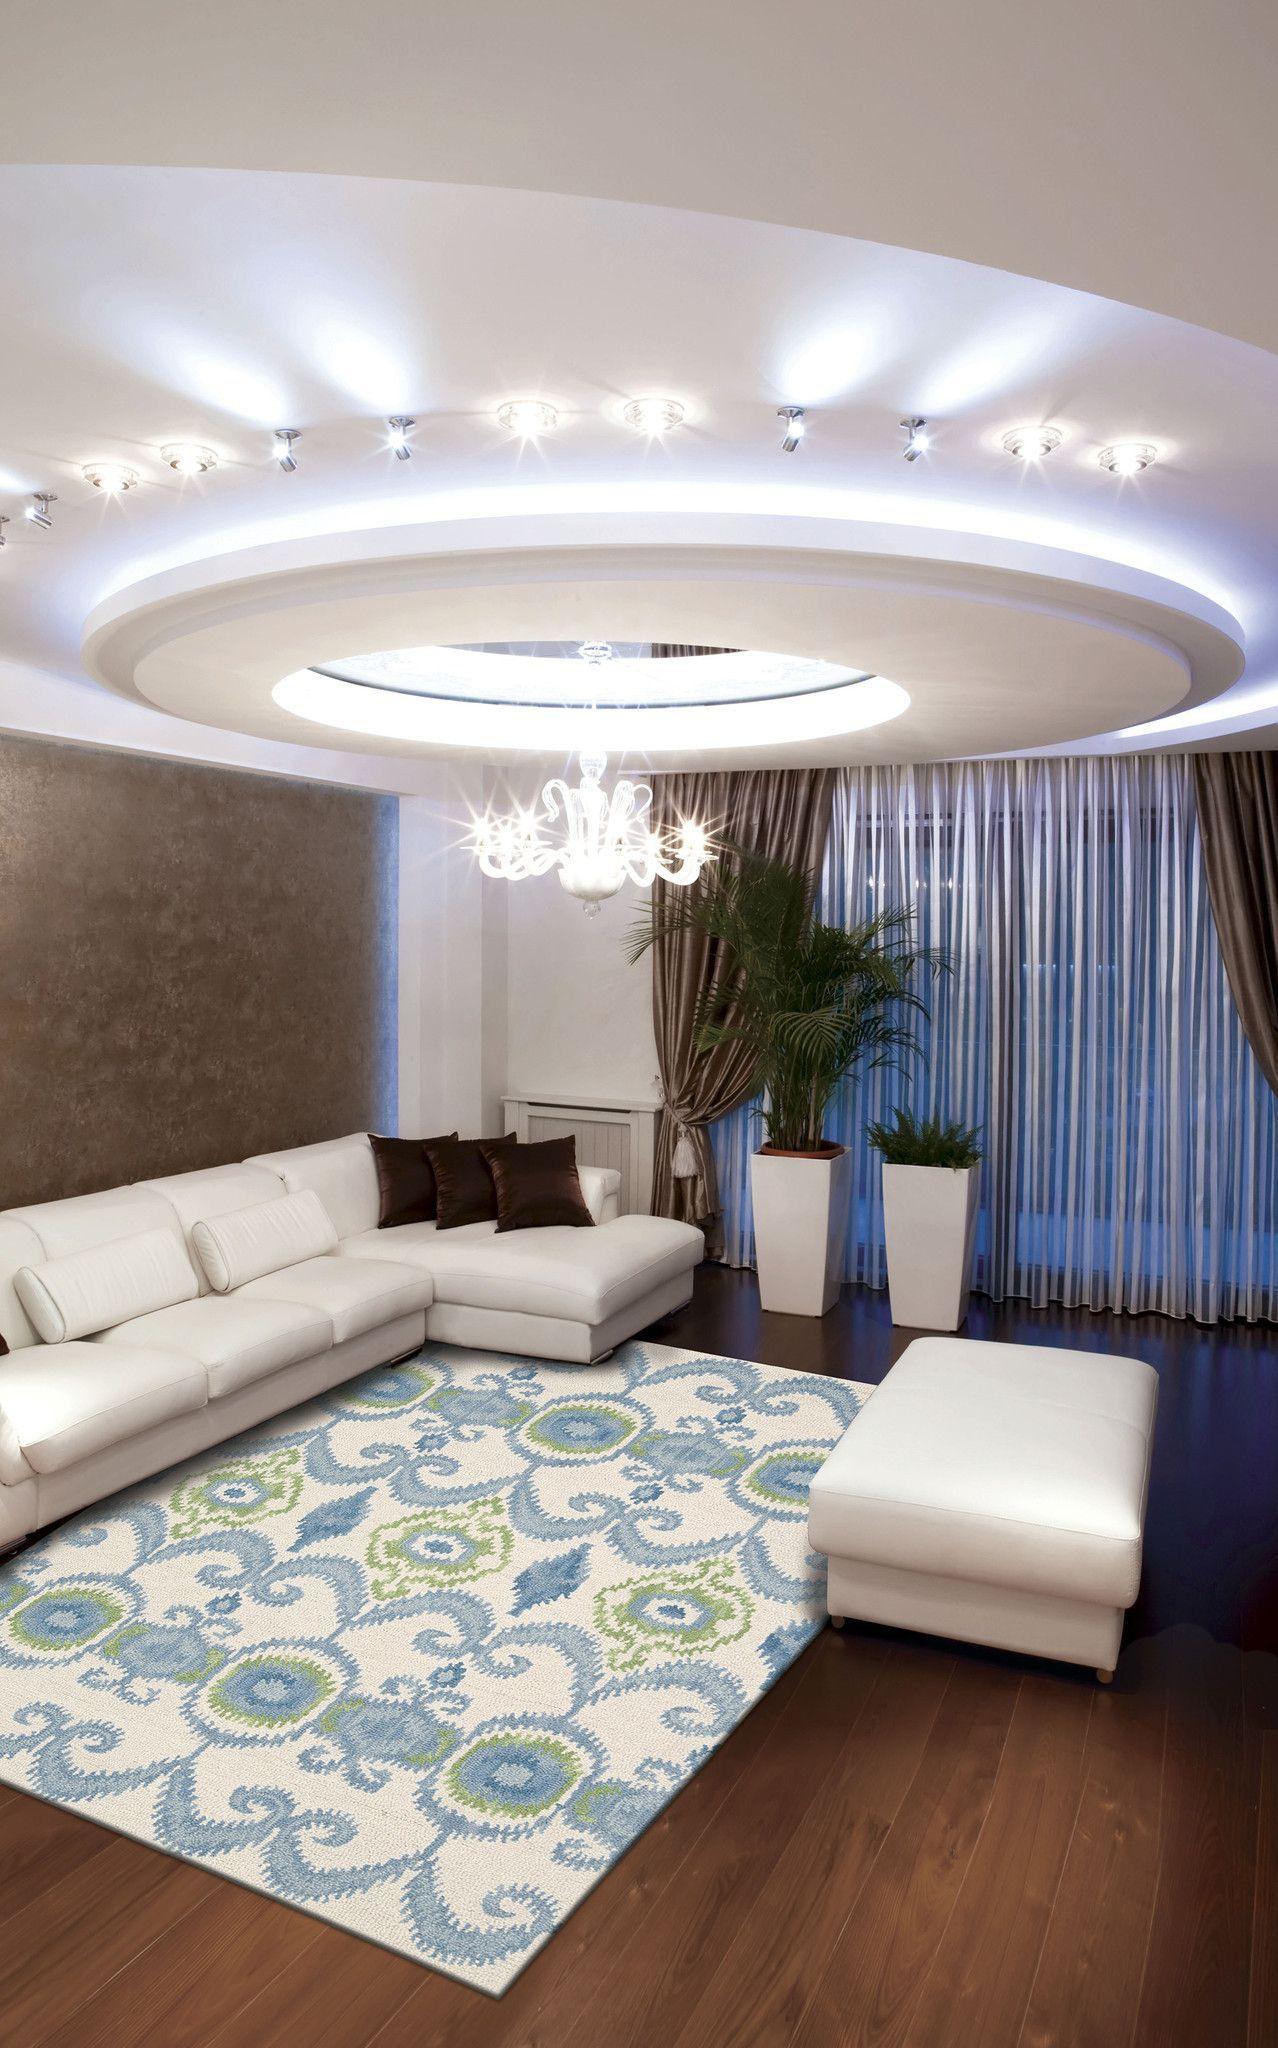 Faux plafond pratique et esthetique interior design pinterest false ceiling and also rh